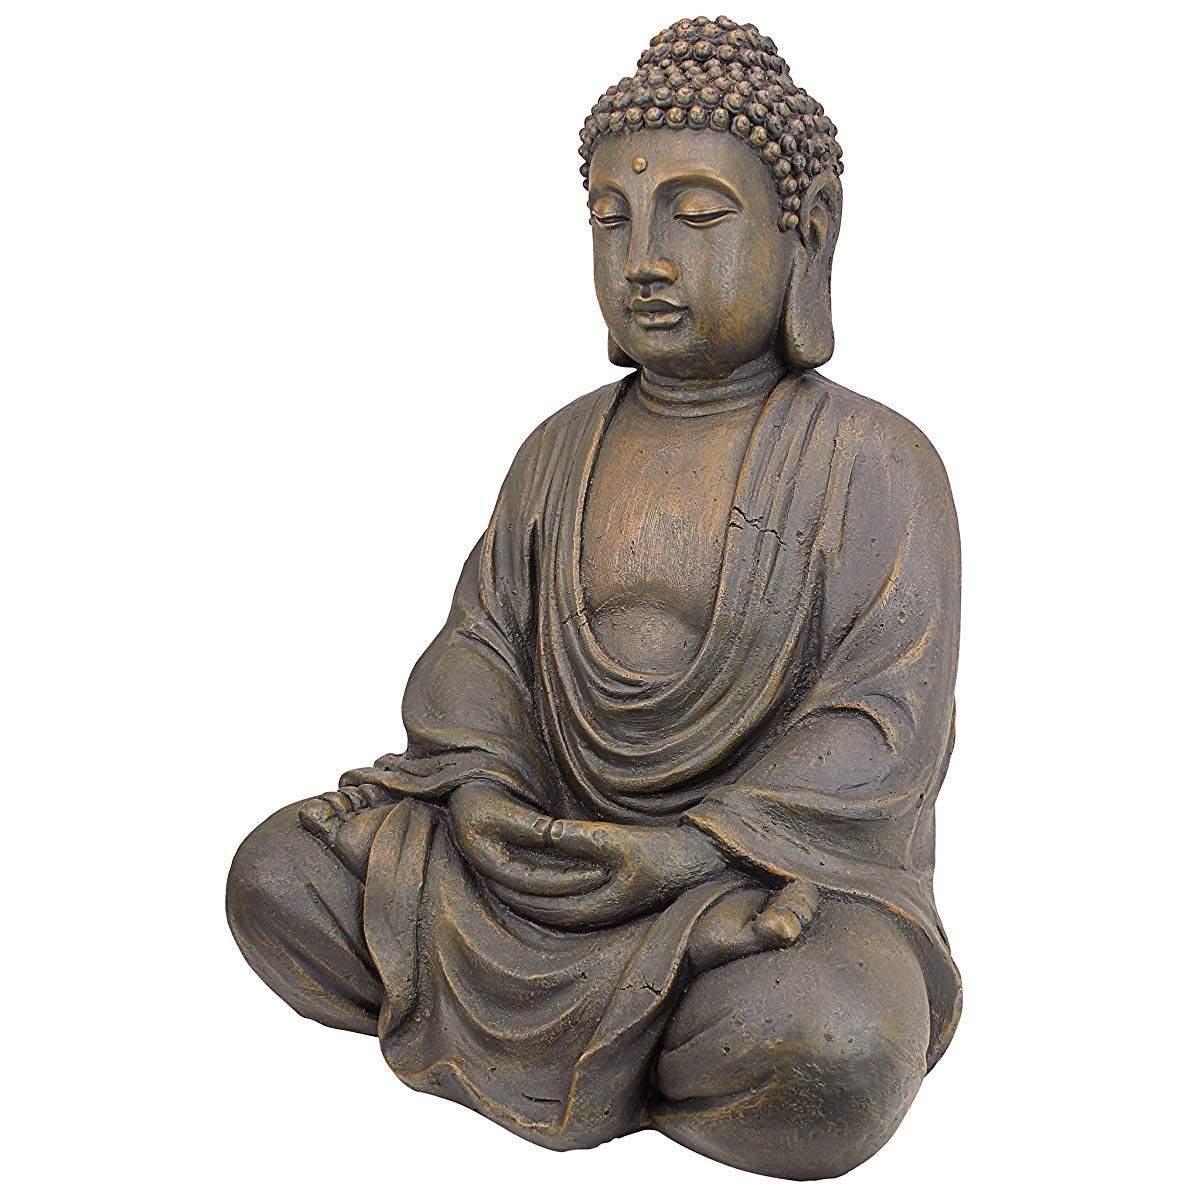 garten buddha inspirierend design toscano meditative buddha of the grand temple garden of garten buddha